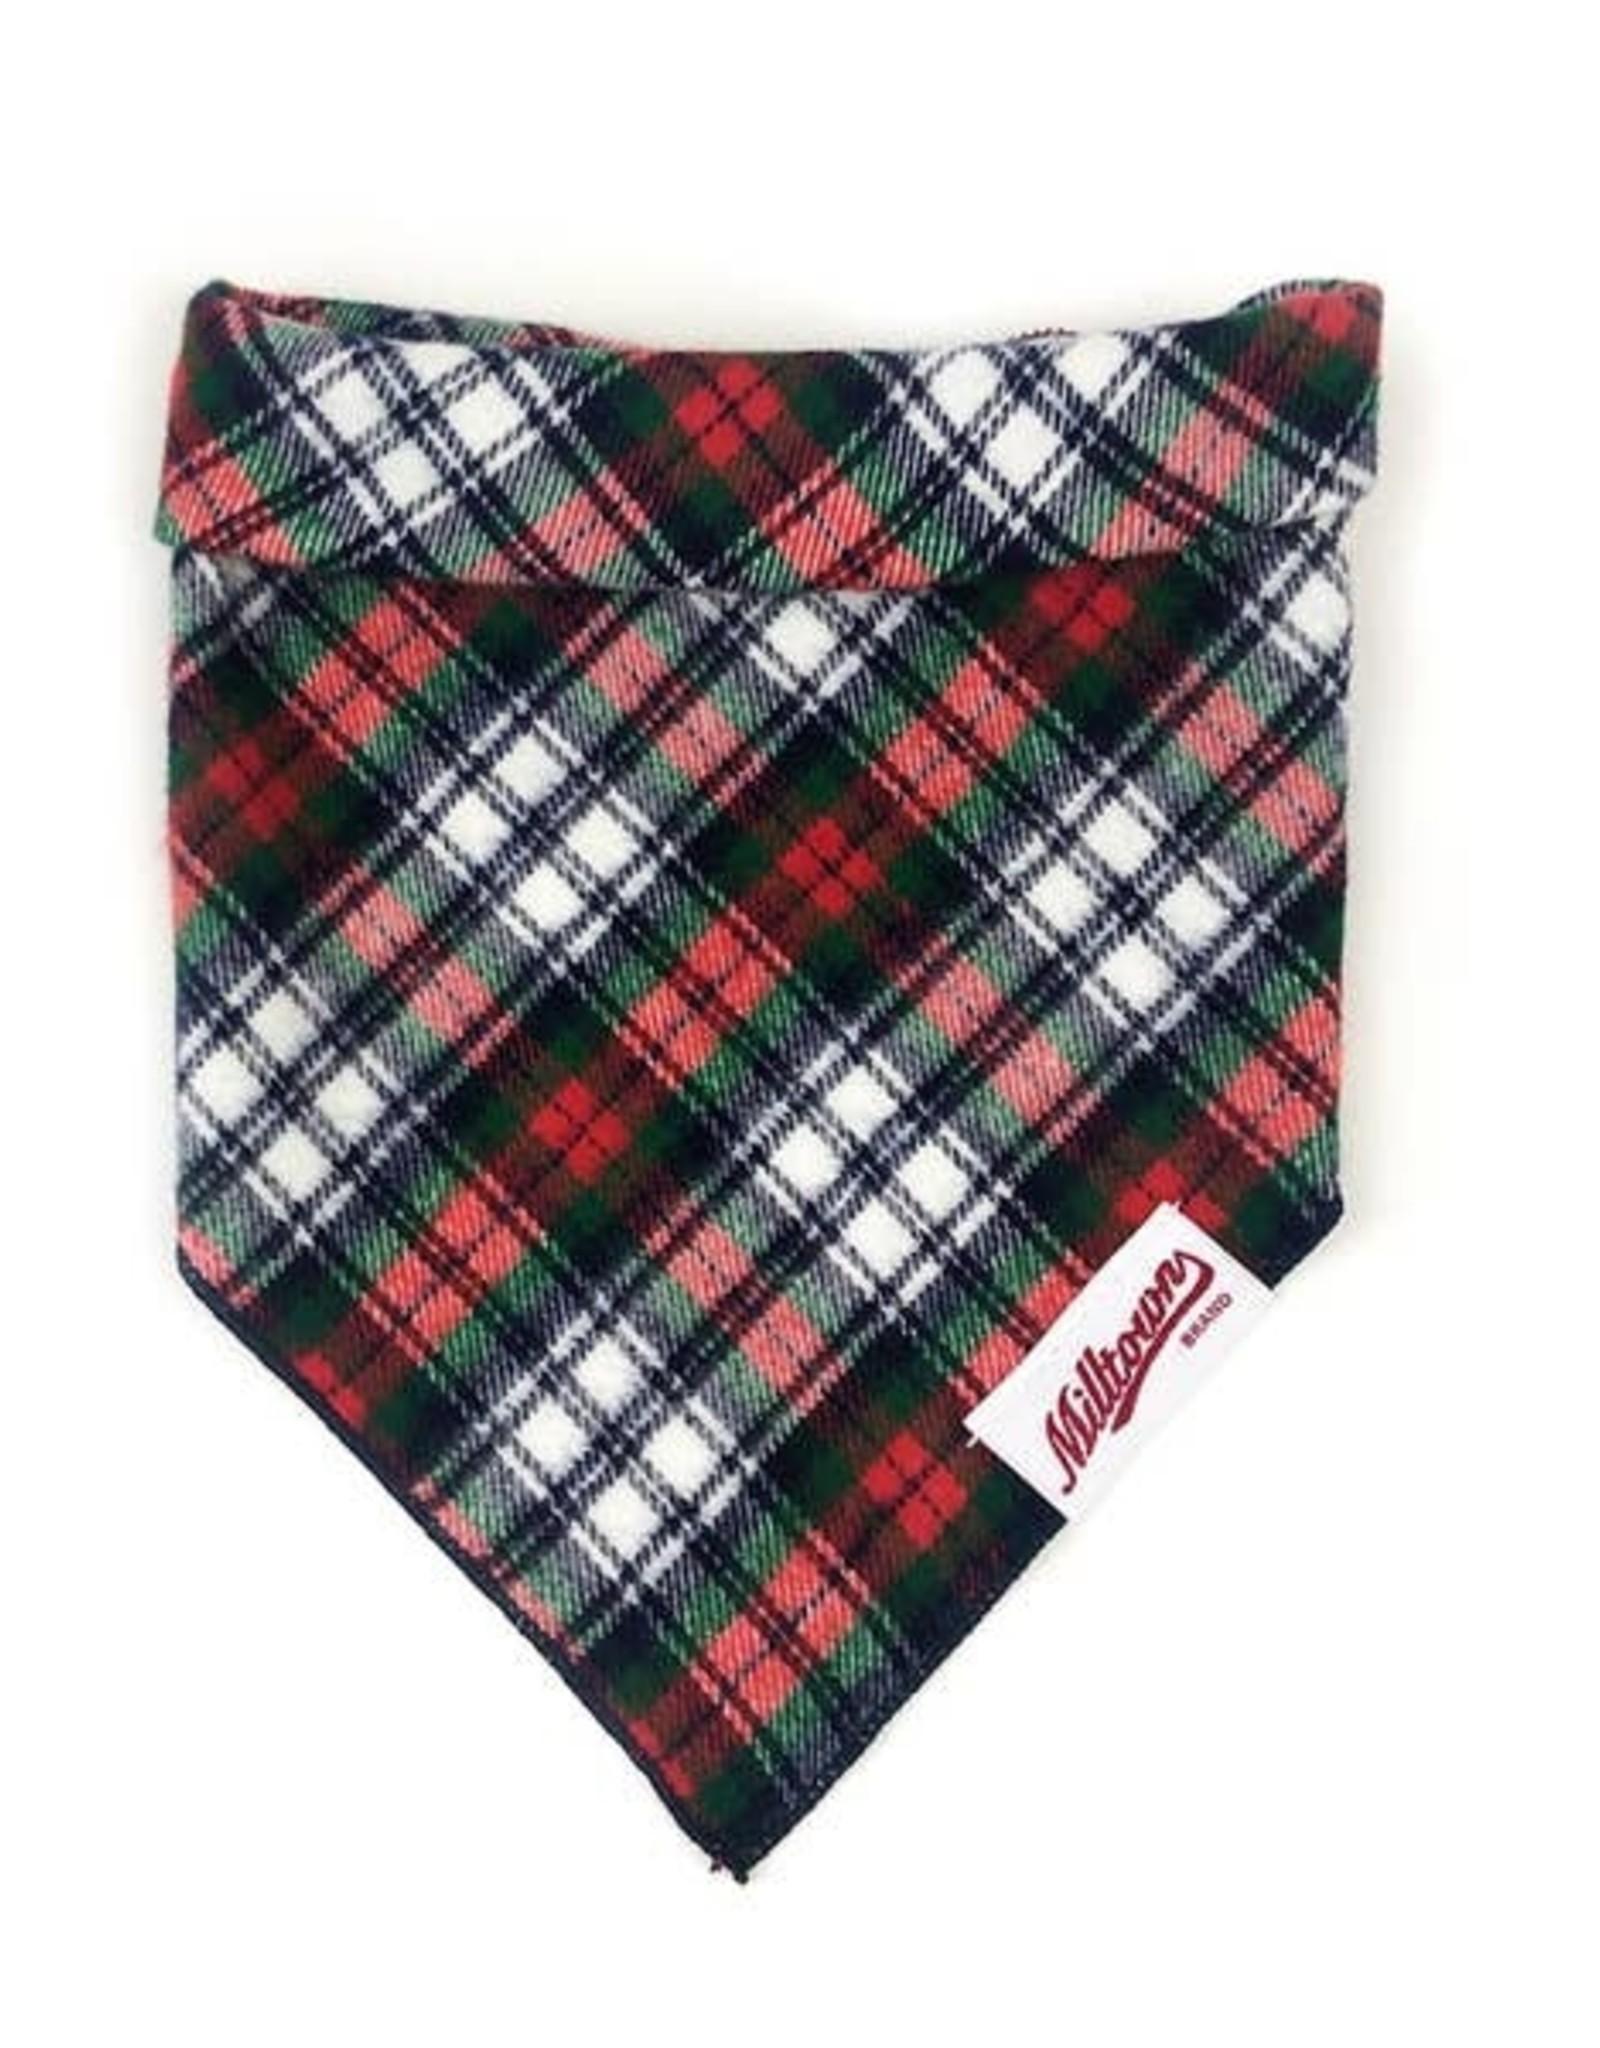 Milltown Brand Milltown Brand Soft White Plaid Flannel Bandana